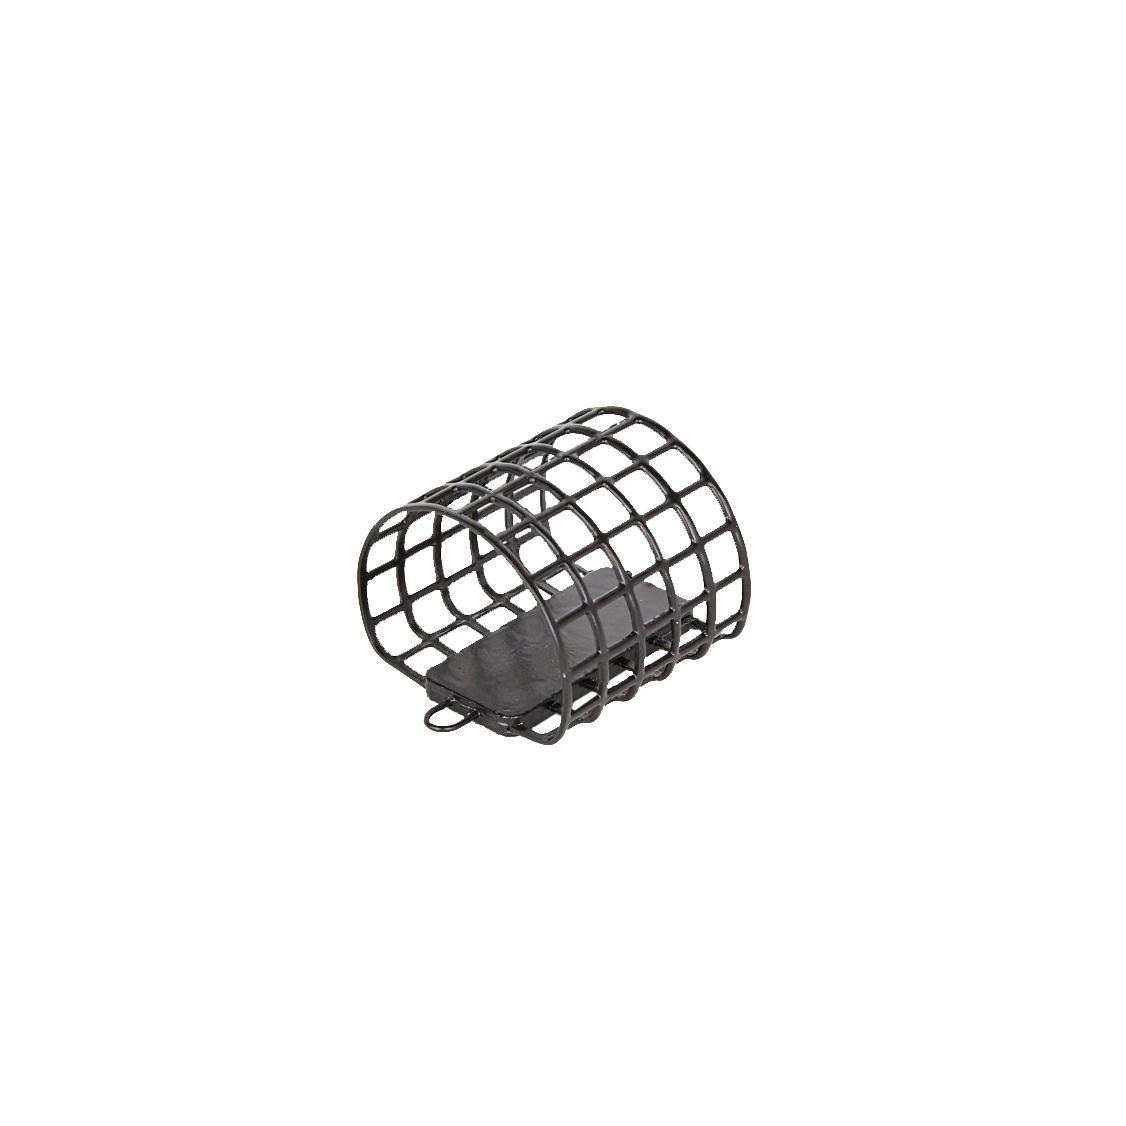 Кормушка-сетка метал. ALLVEGA Агидель размер Кормушки, груза, монтажи донные<br>Кормушка изготовлена из прочной металлической <br>сетки покрытой специальной антибликовой <br>краской. Каждая кормушка промаркирована <br>по весу и объему, а также имеет бирку с характеристиками <br>и штрих-кодом. Упакованы в компактную картонную <br>коробку по 10 шт.<br>